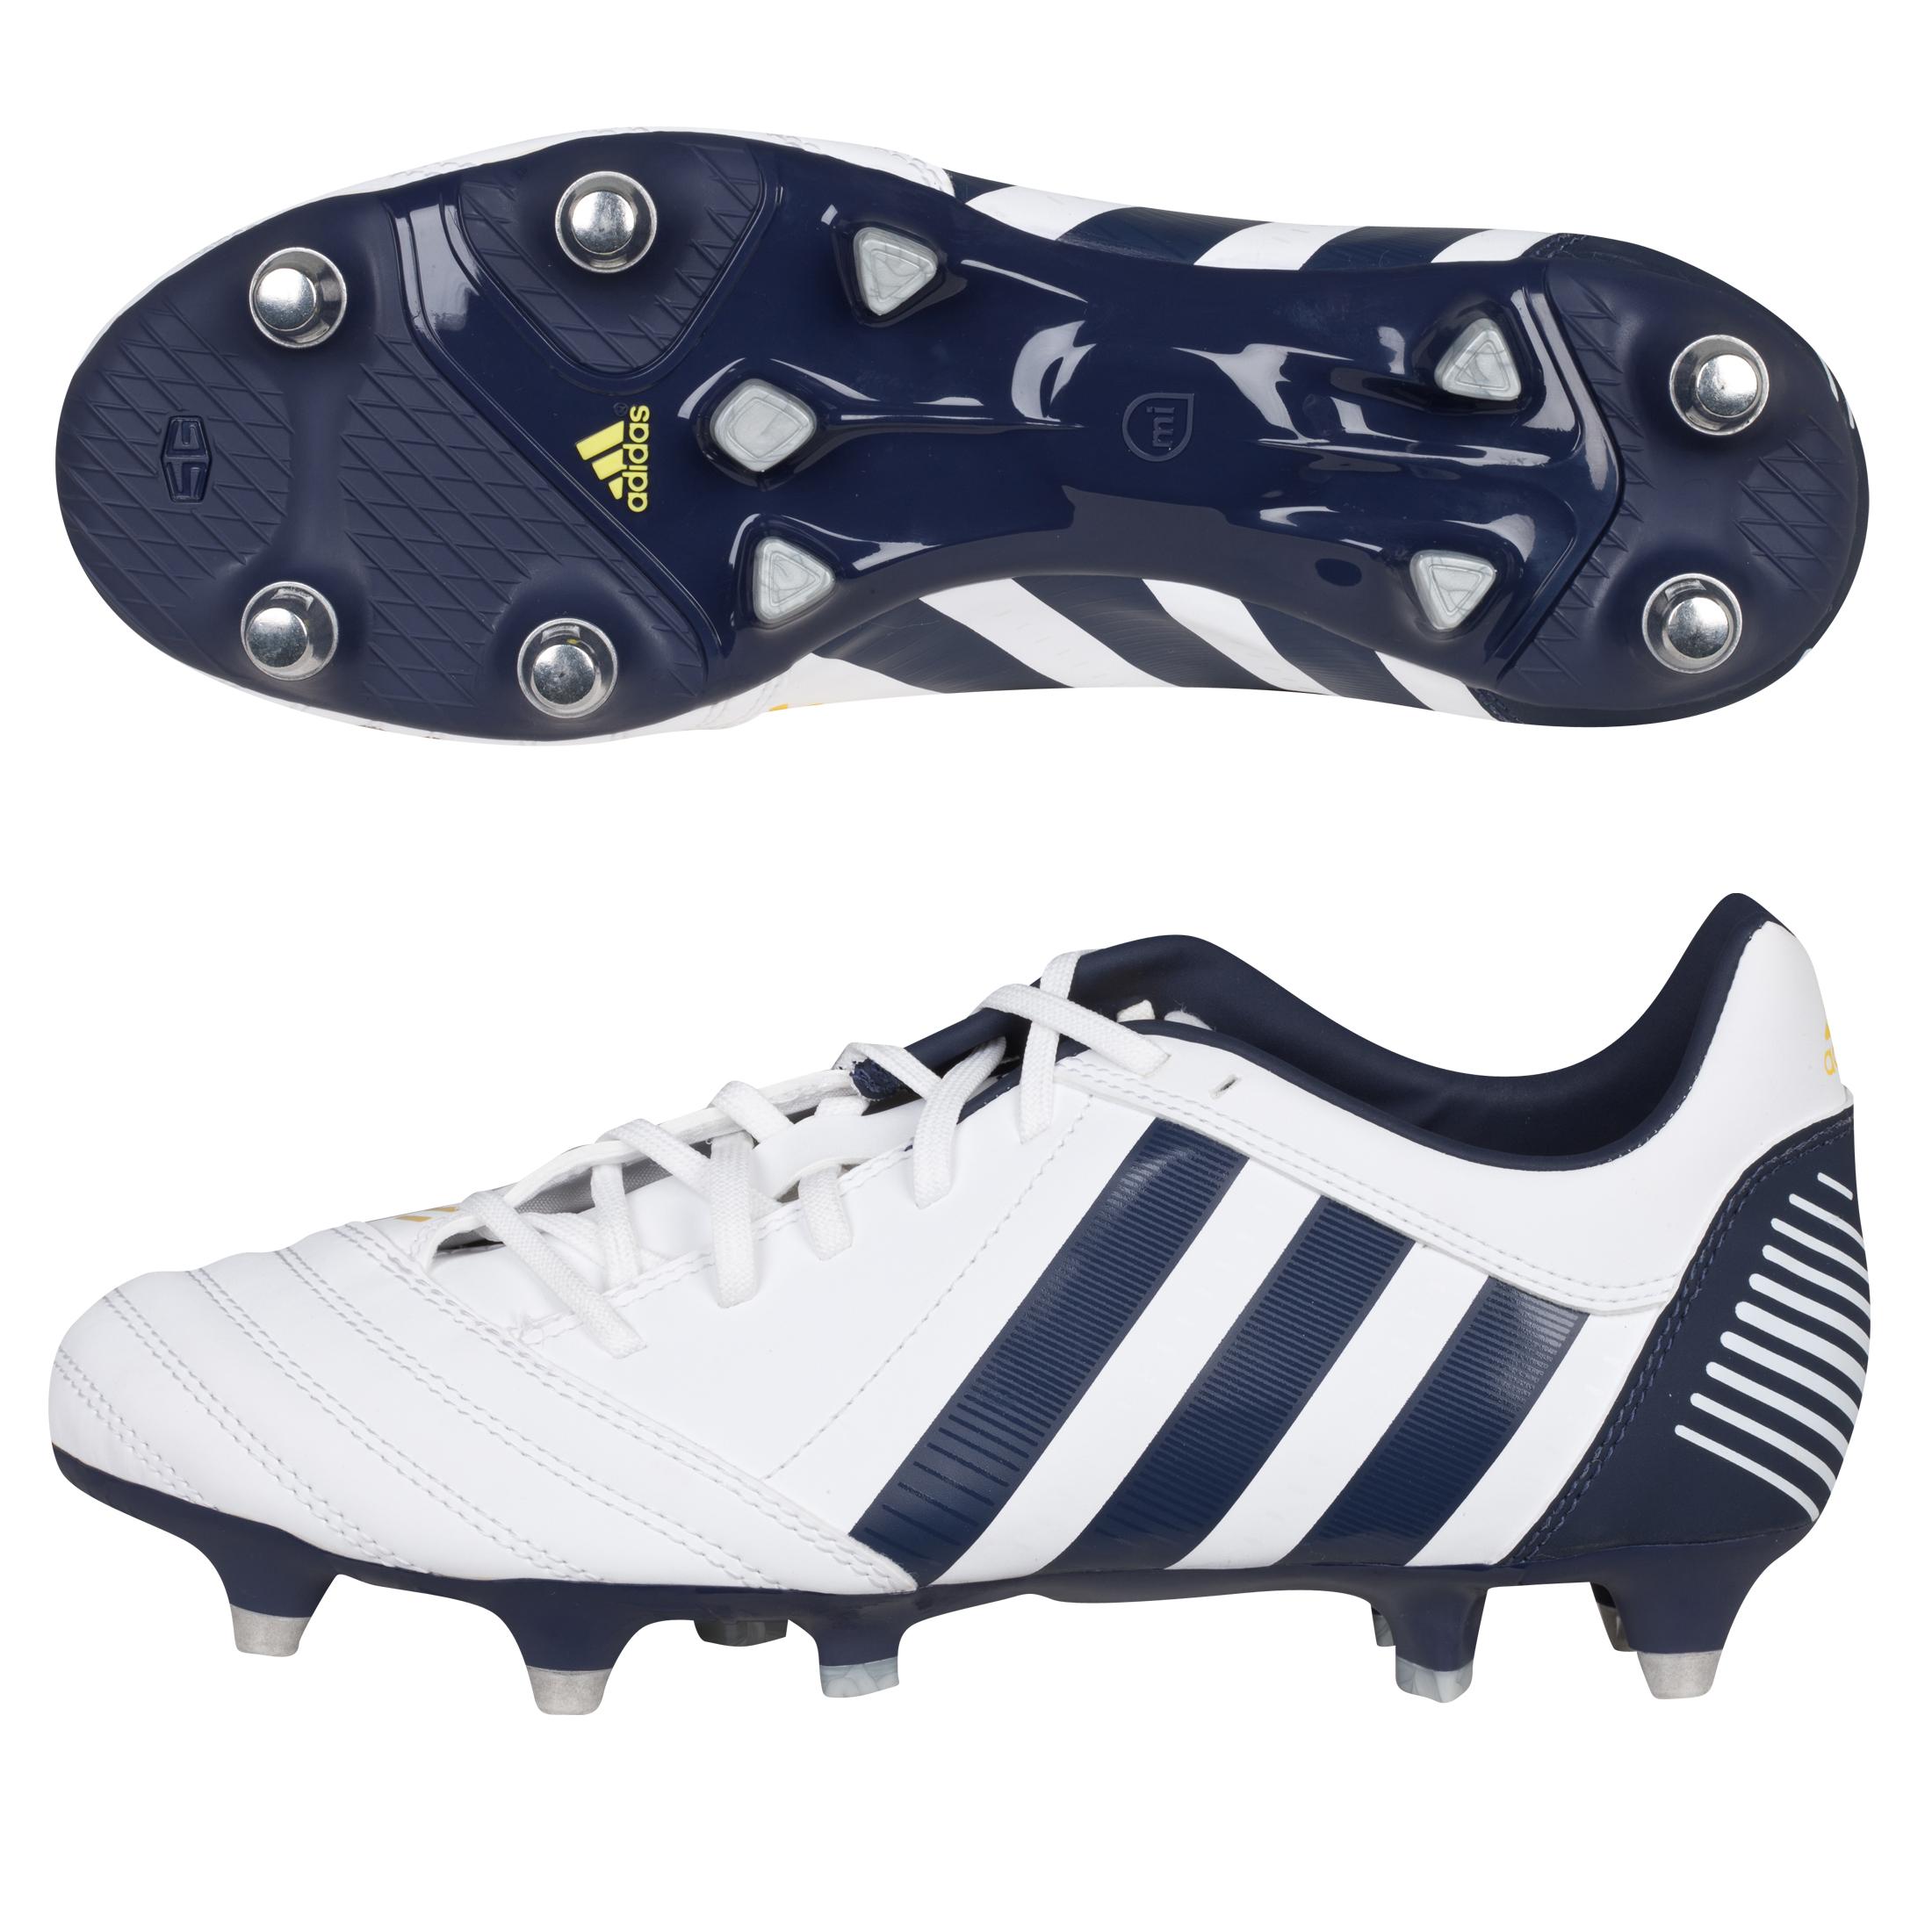 Adidas adiPower Kakari Soft Ground Rugby Boots - White/Urban Sky/Vivid Yellow